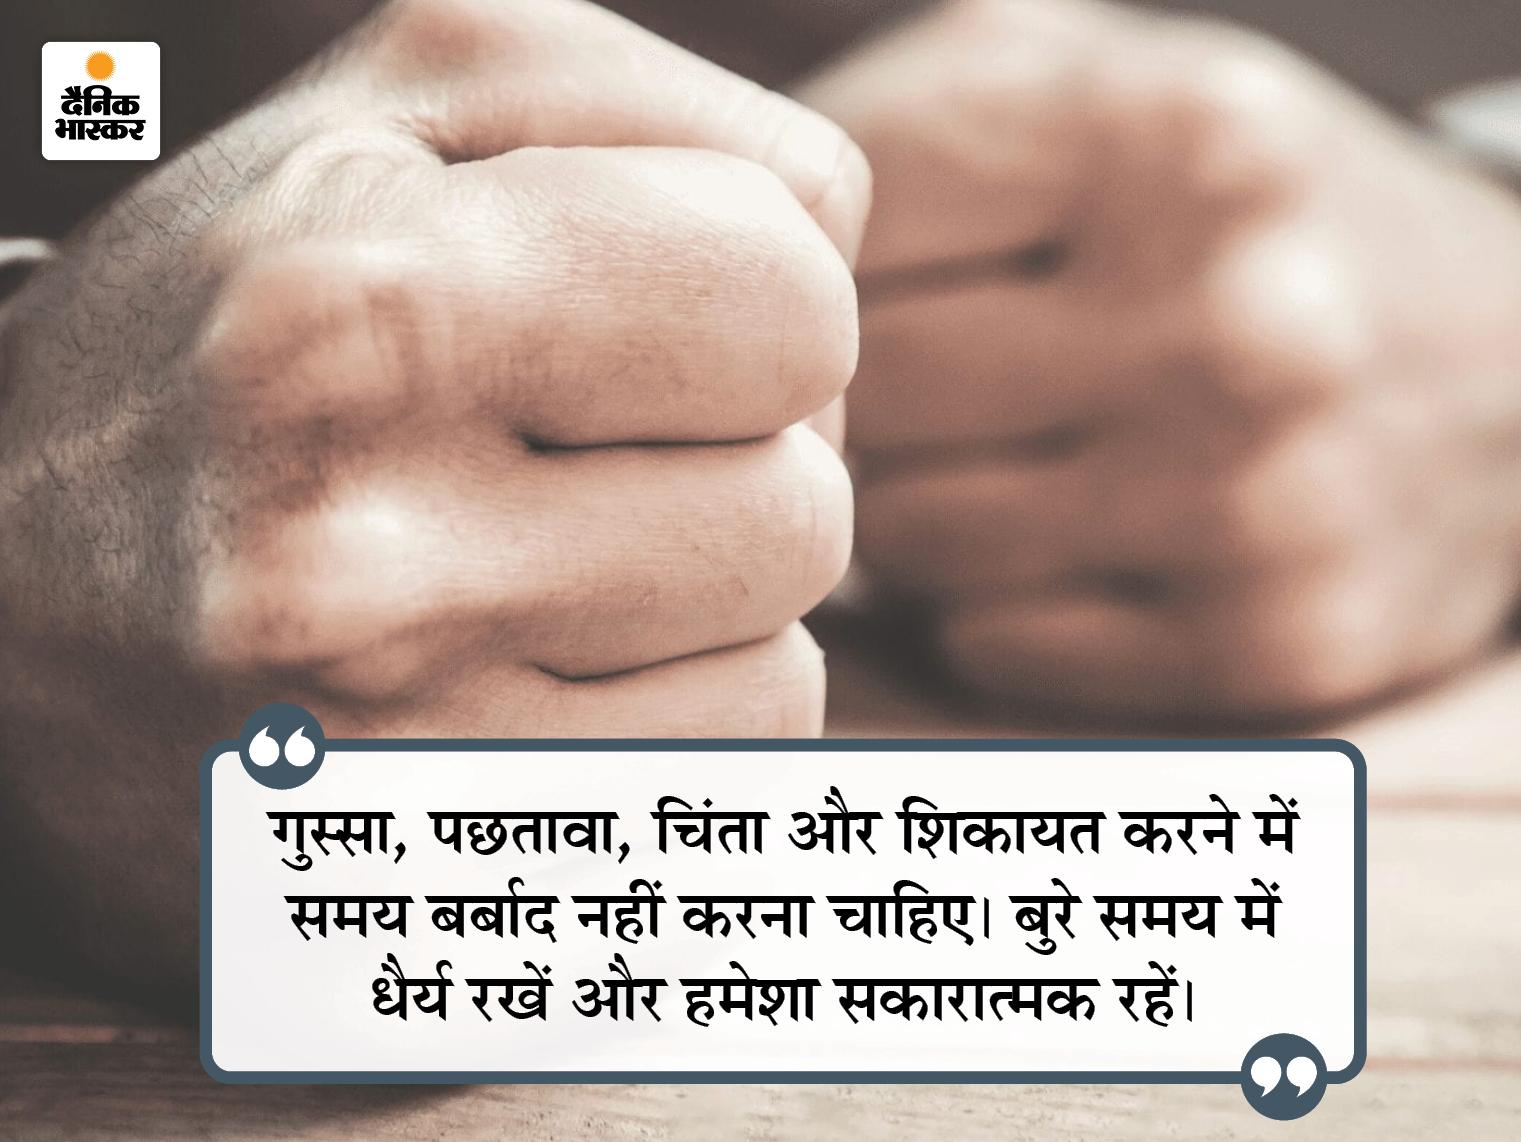 ध्यान रखें अफसोस से अतीत नहीं बदलता और चिंता से भविष्य नहीं बदल सकता|धर्म,Dharm - Dainik Bhaskar